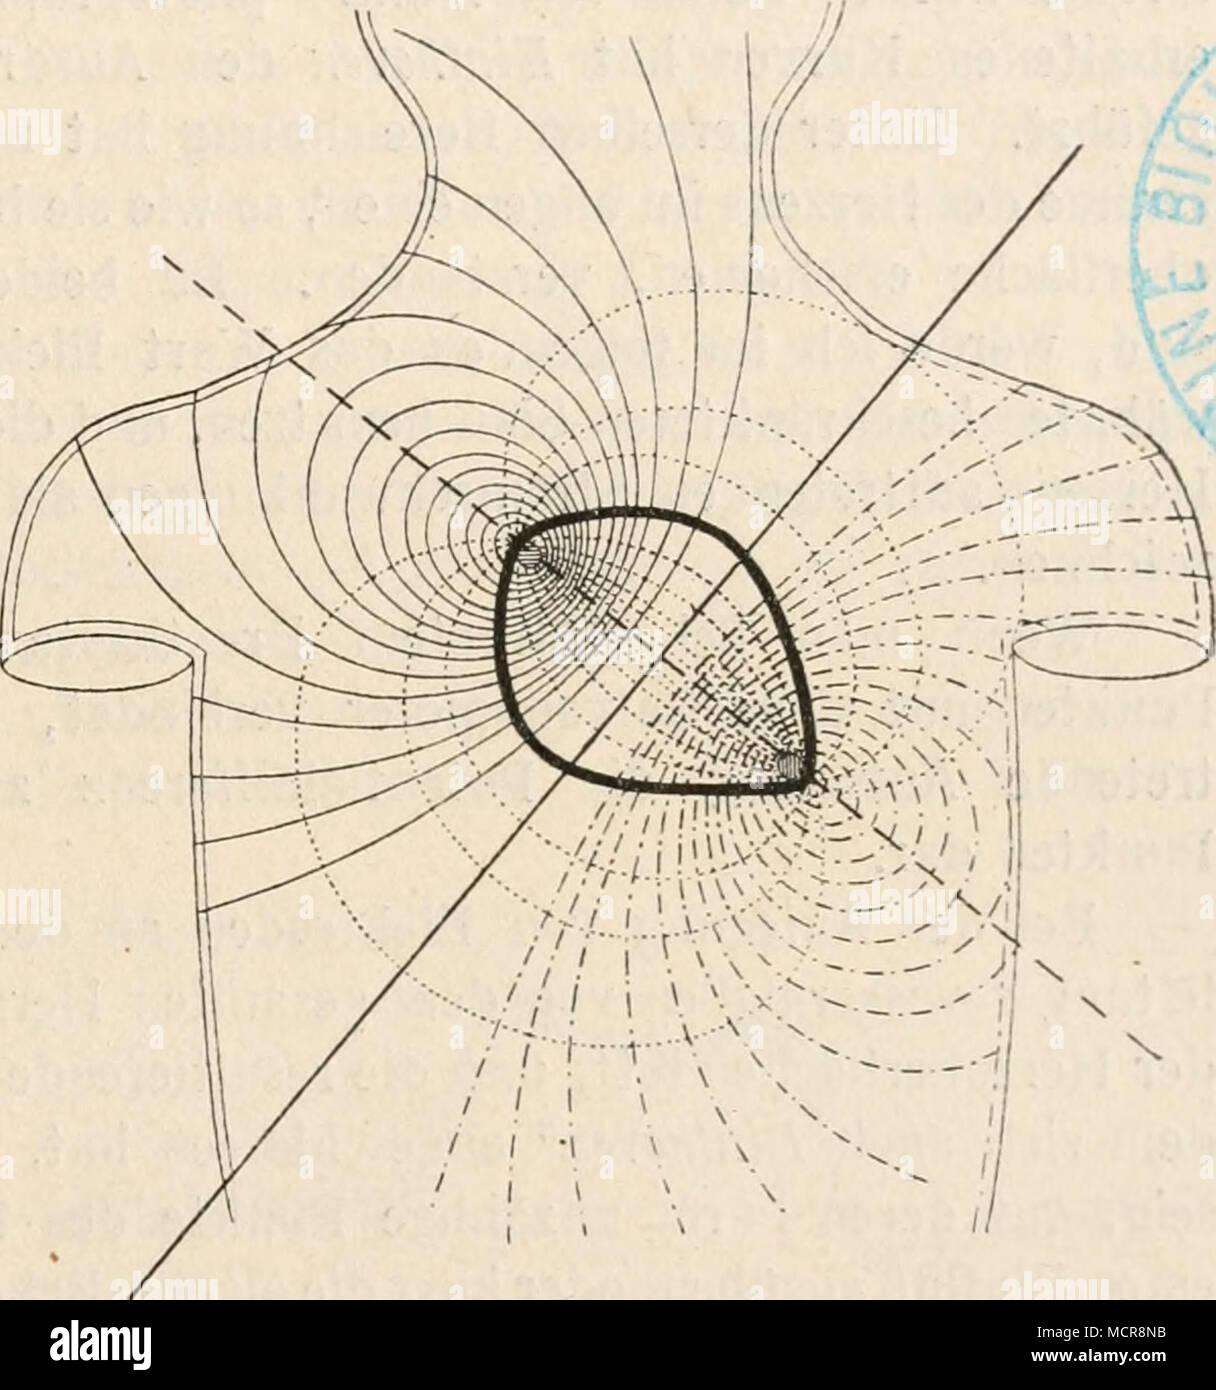 Fig. 227. Schema der durch die Aktionsströme des menschlichen ...